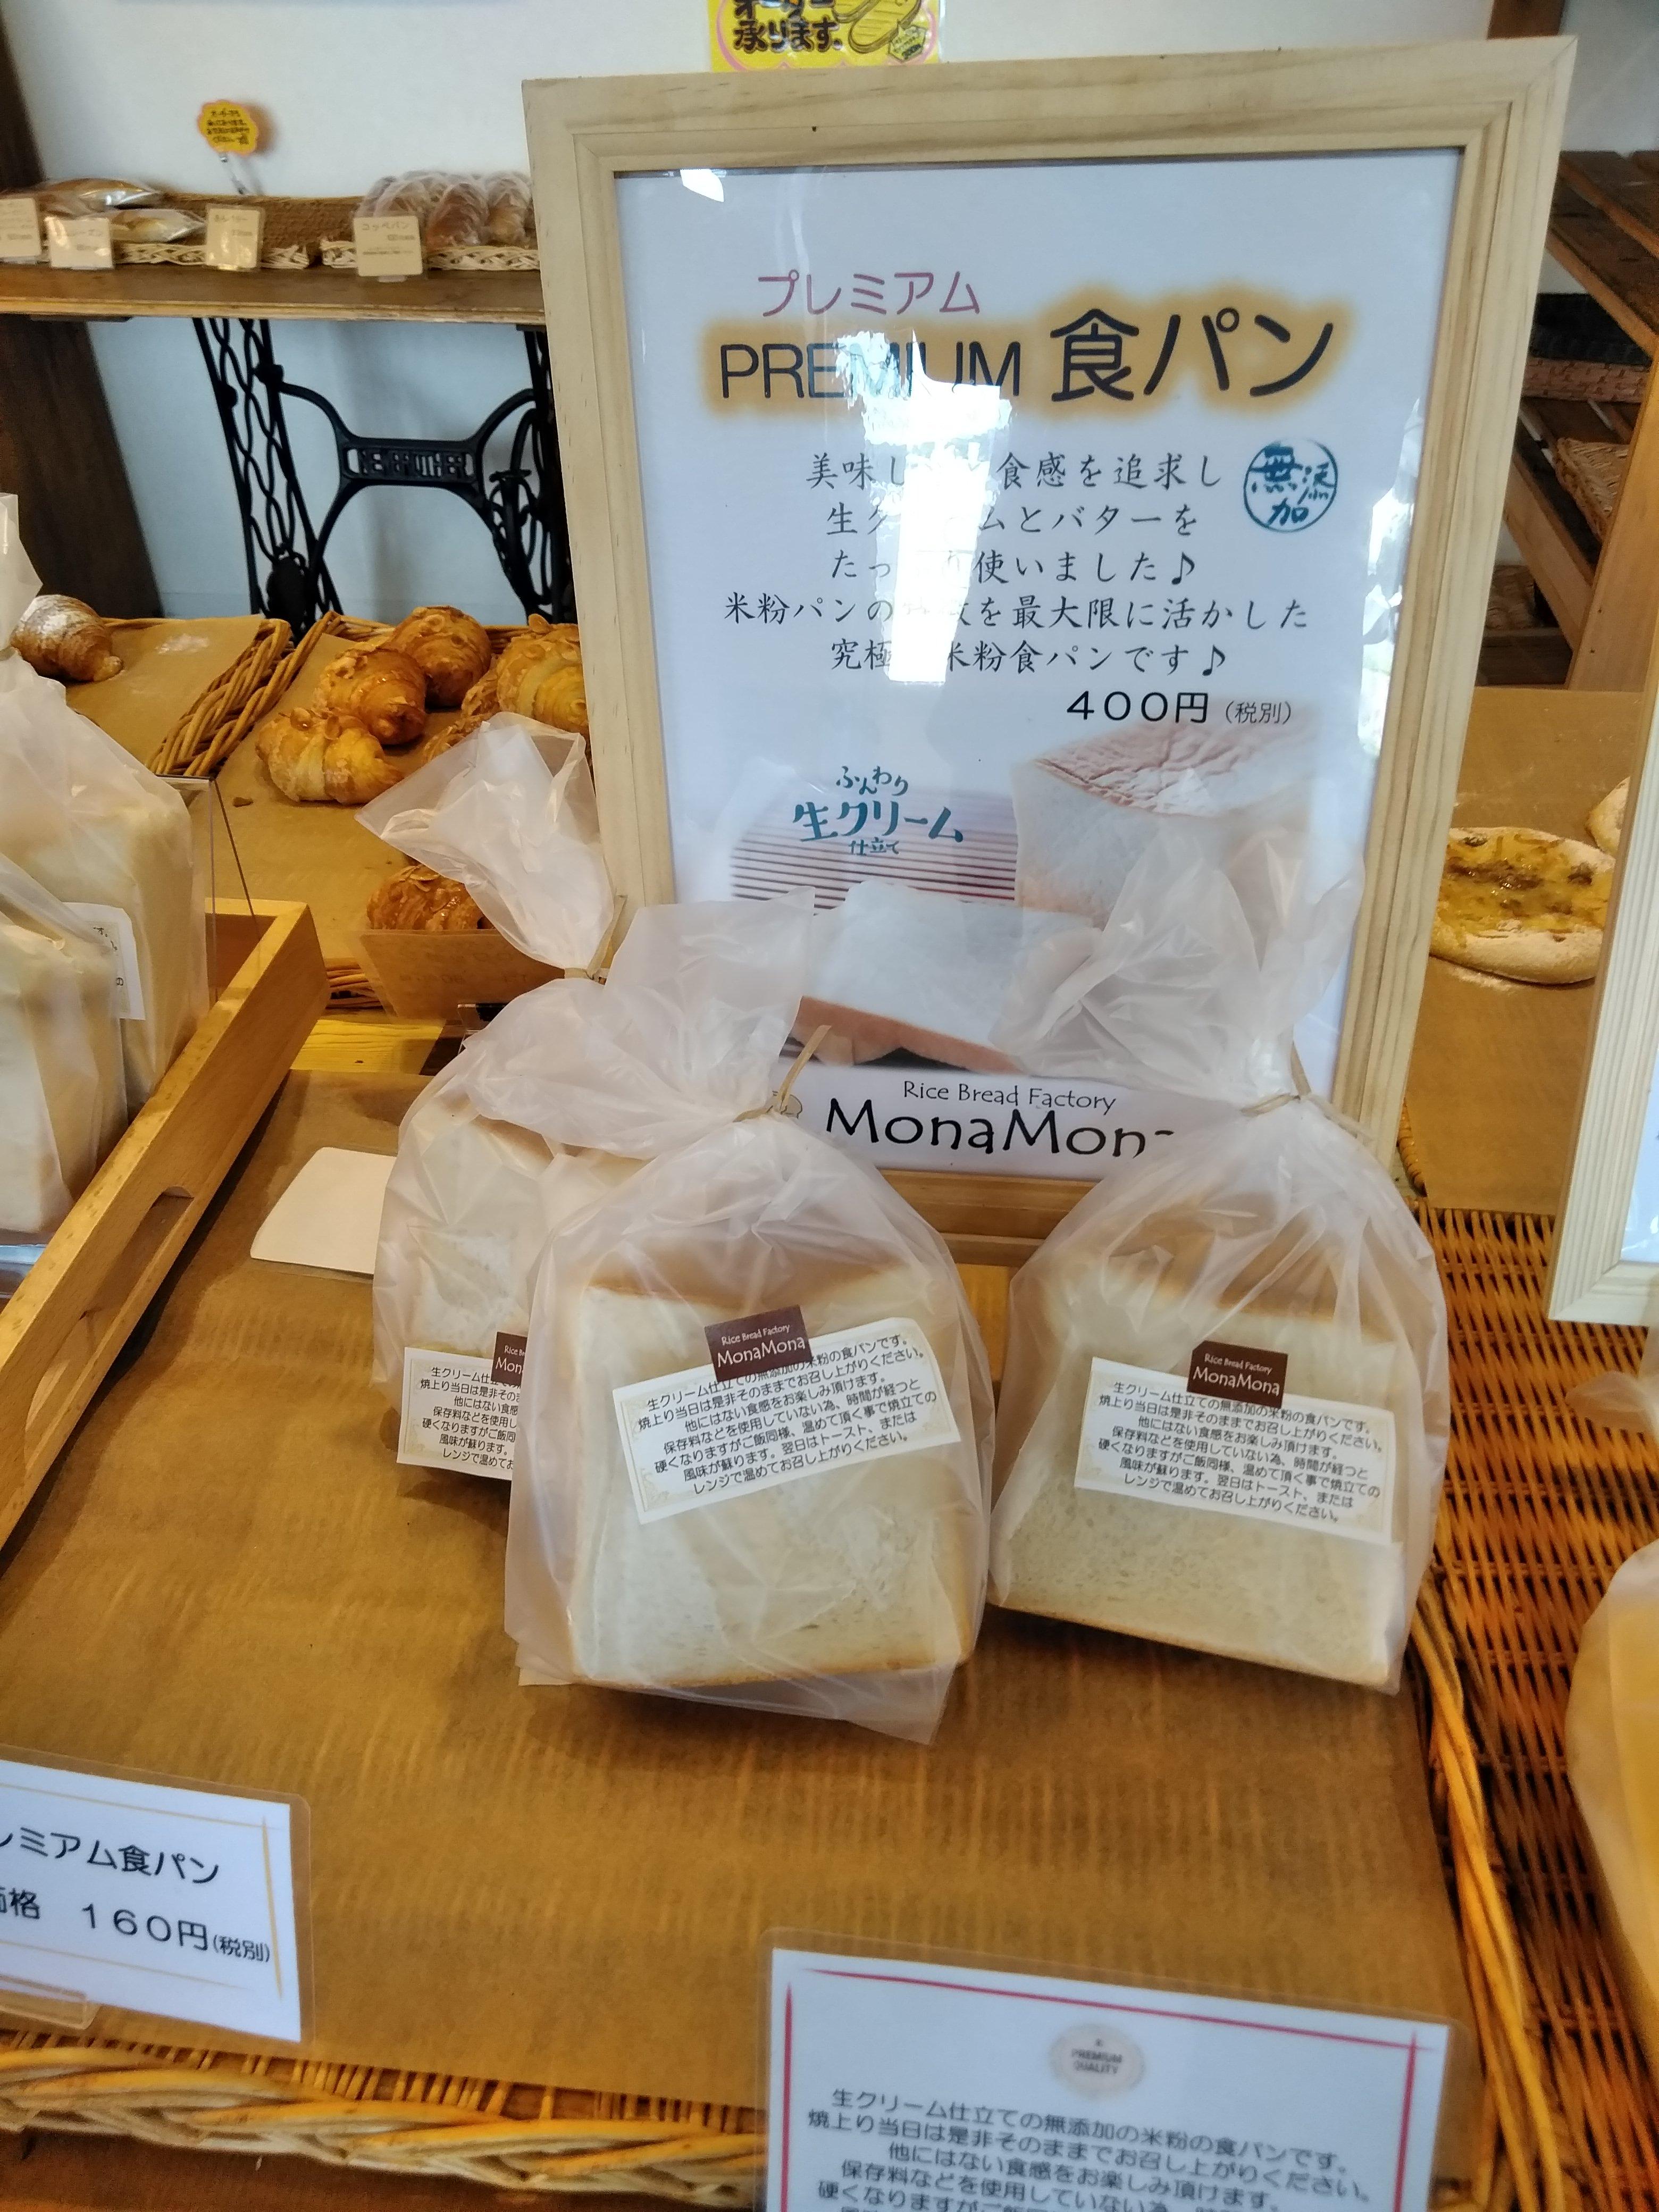 新発売の米粉パンのMonaMonaのプレミアム食パンが激旨!